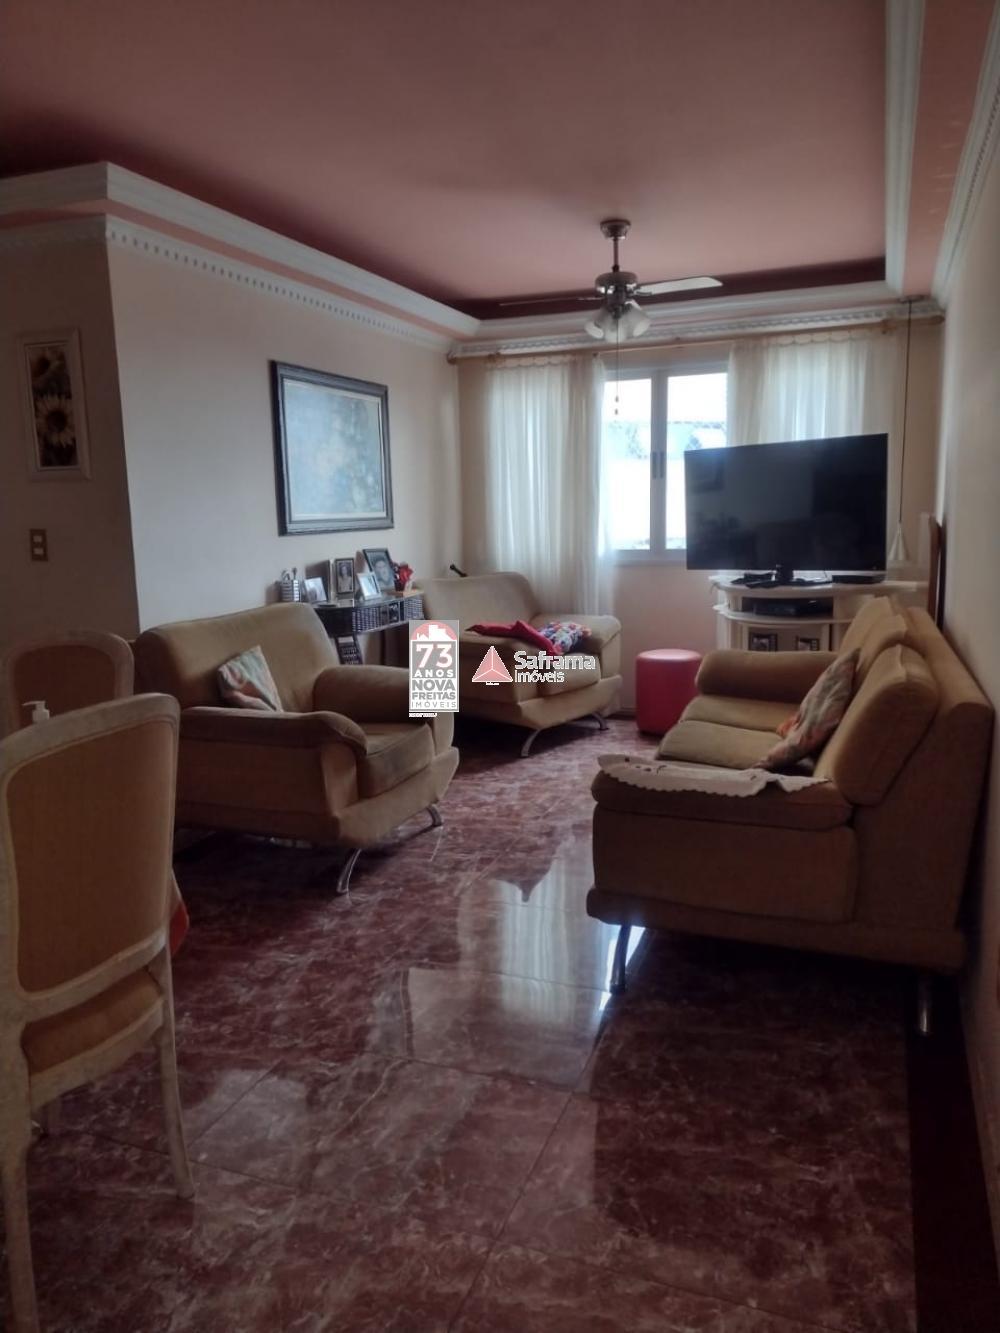 Comprar Apartamento / Padrão em São José dos Campos R$ 360.000,00 - Foto 4